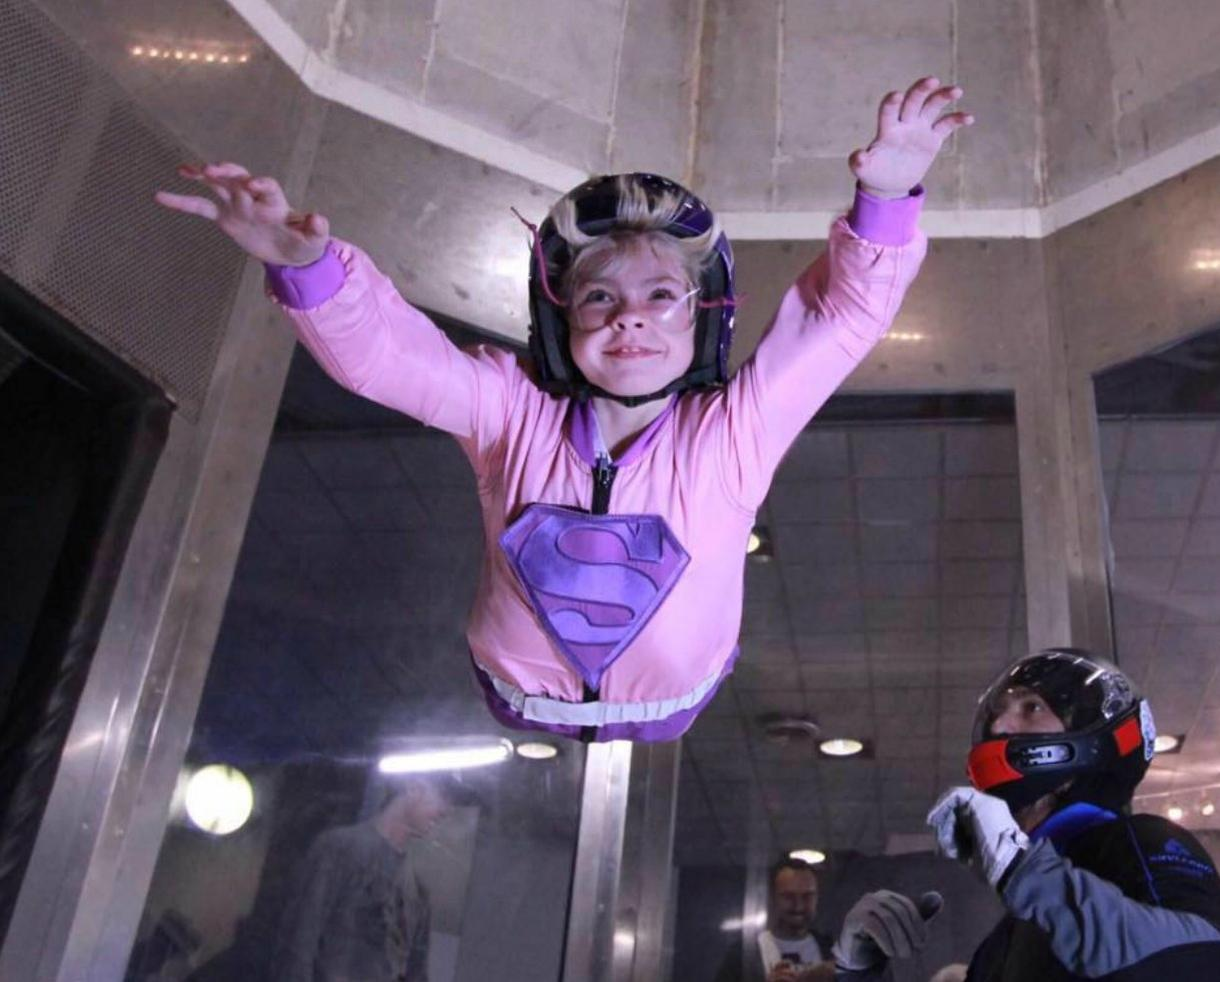 Skydive Perris Indoor Skydiving Birthday Party